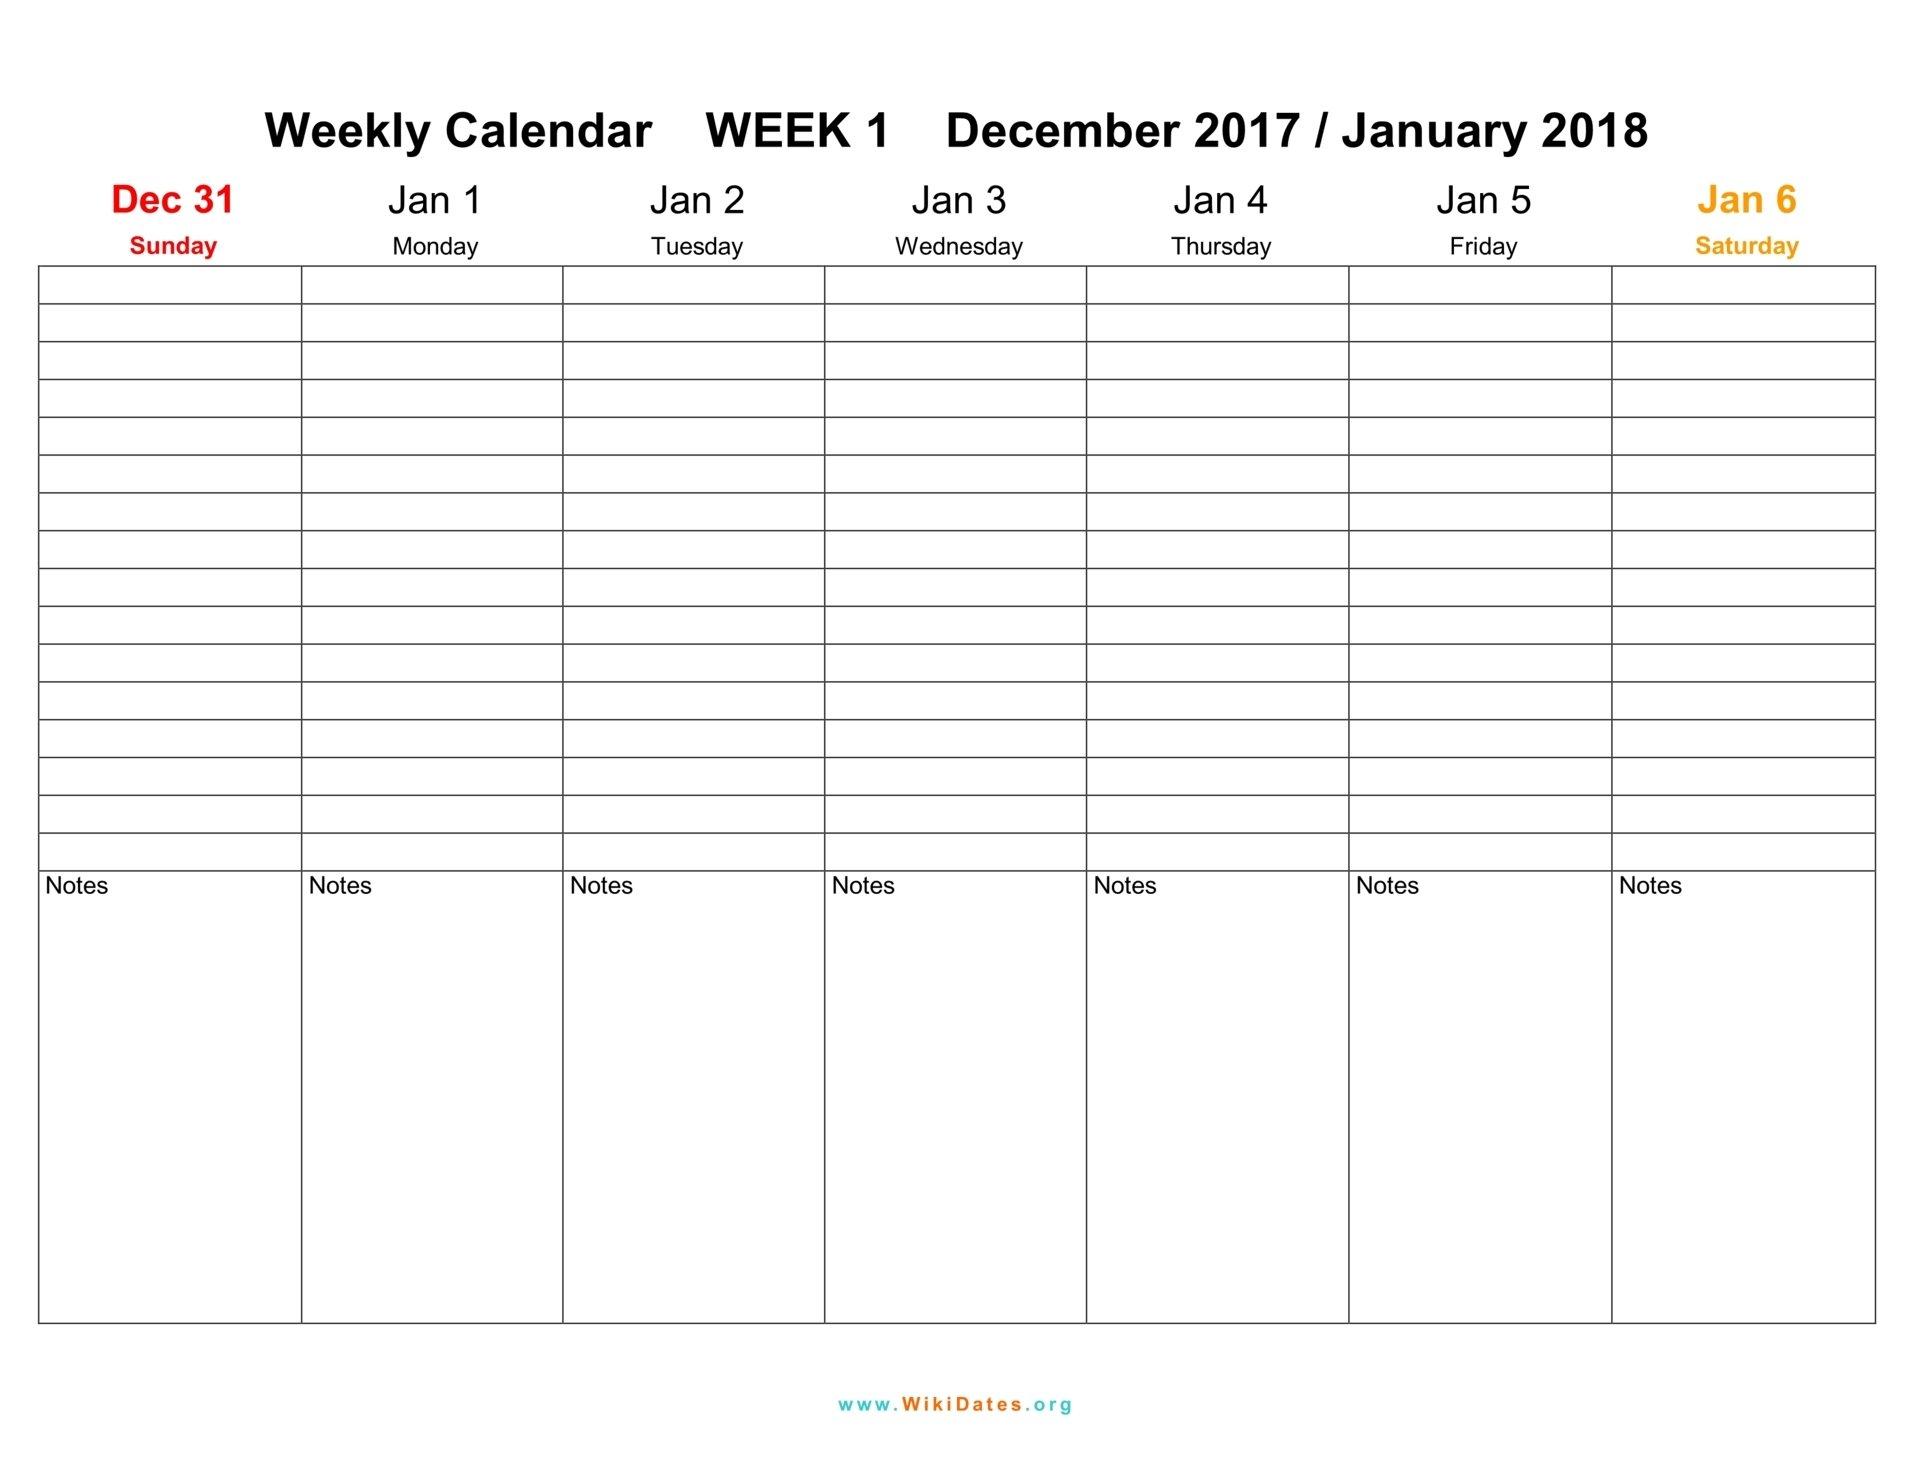 Weekly Calendar - Download Weekly Calendar 2017 And 2018 One Week Calendr To Prink